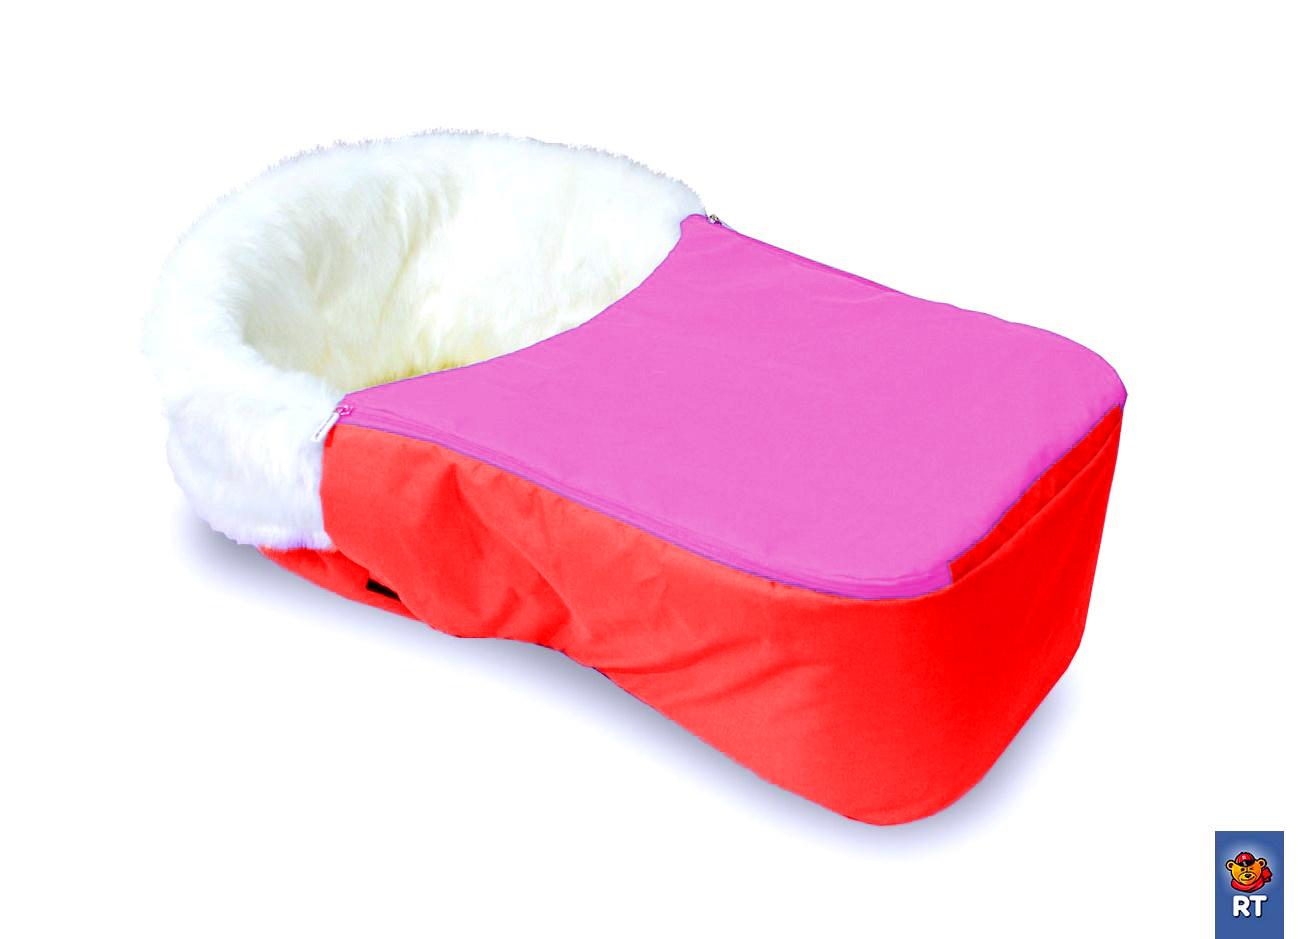 Матрац для санок Snow Baby Dream меховой с раздельной попоной на молнии, цвет – розовыйМатрасики, муфты, чехлы в санки<br>Матрац для санок Snow Baby Dream меховой с раздельной попоной на молнии, цвет – розовый<br>